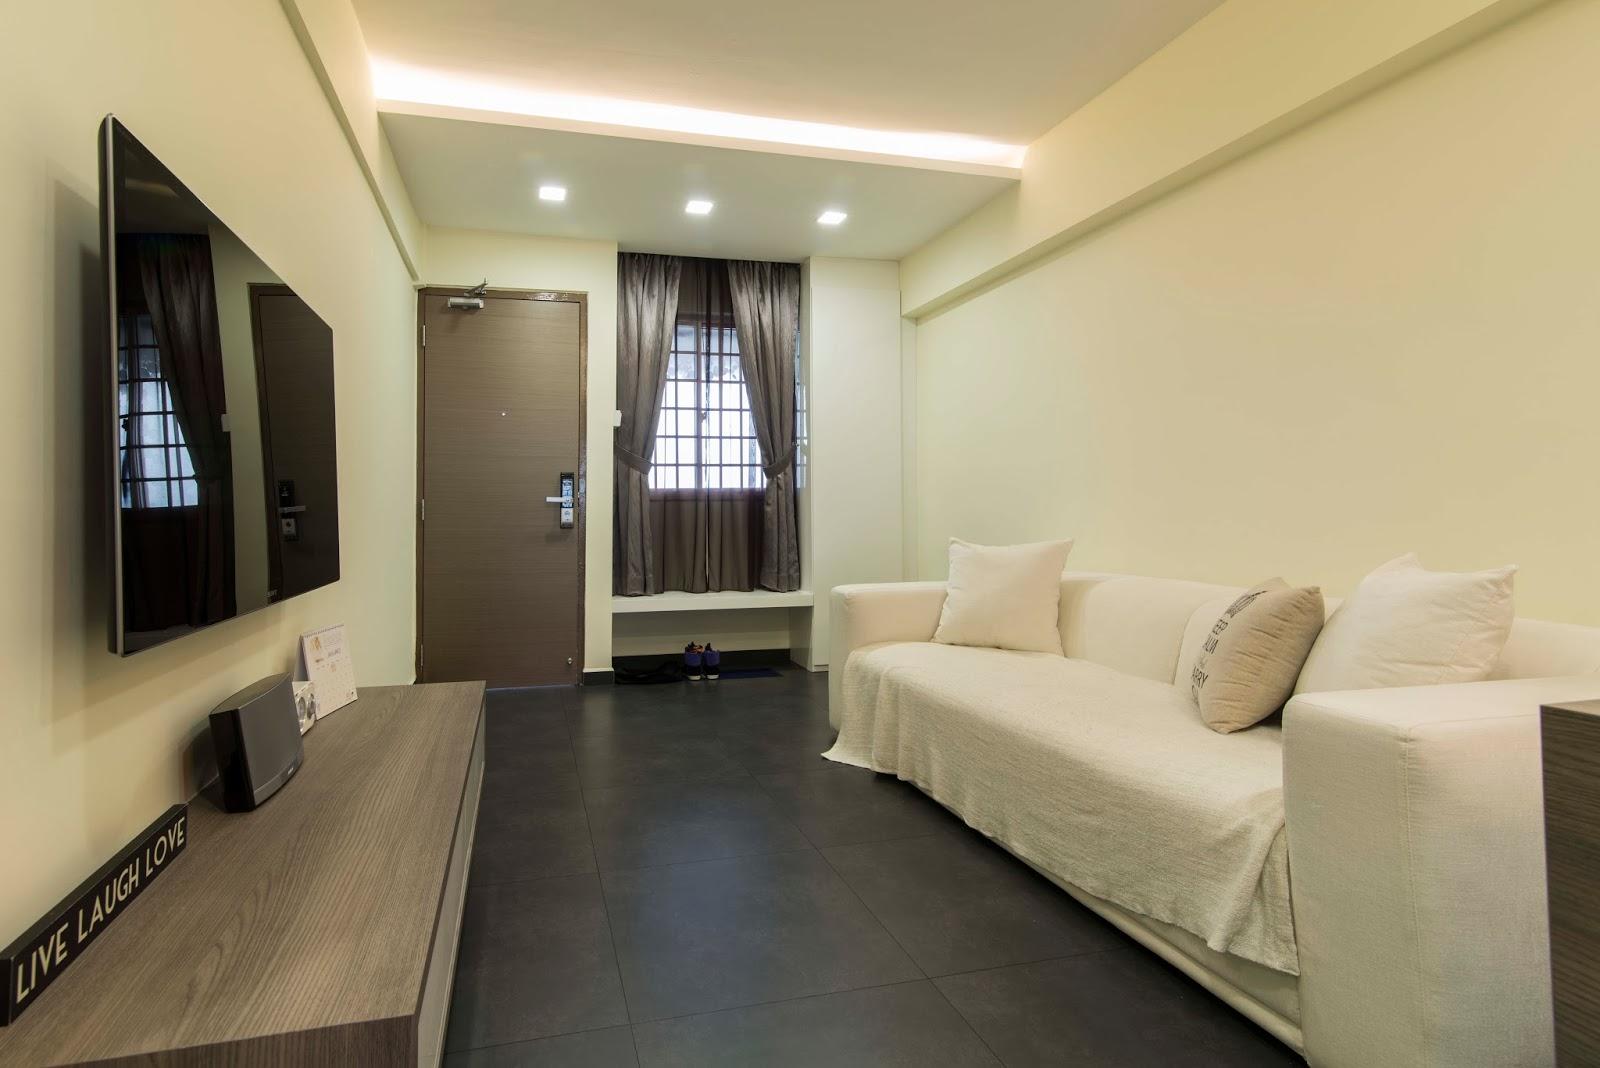 Interior design guide hdb 3 rooms interior design for 3 room interior design ideas